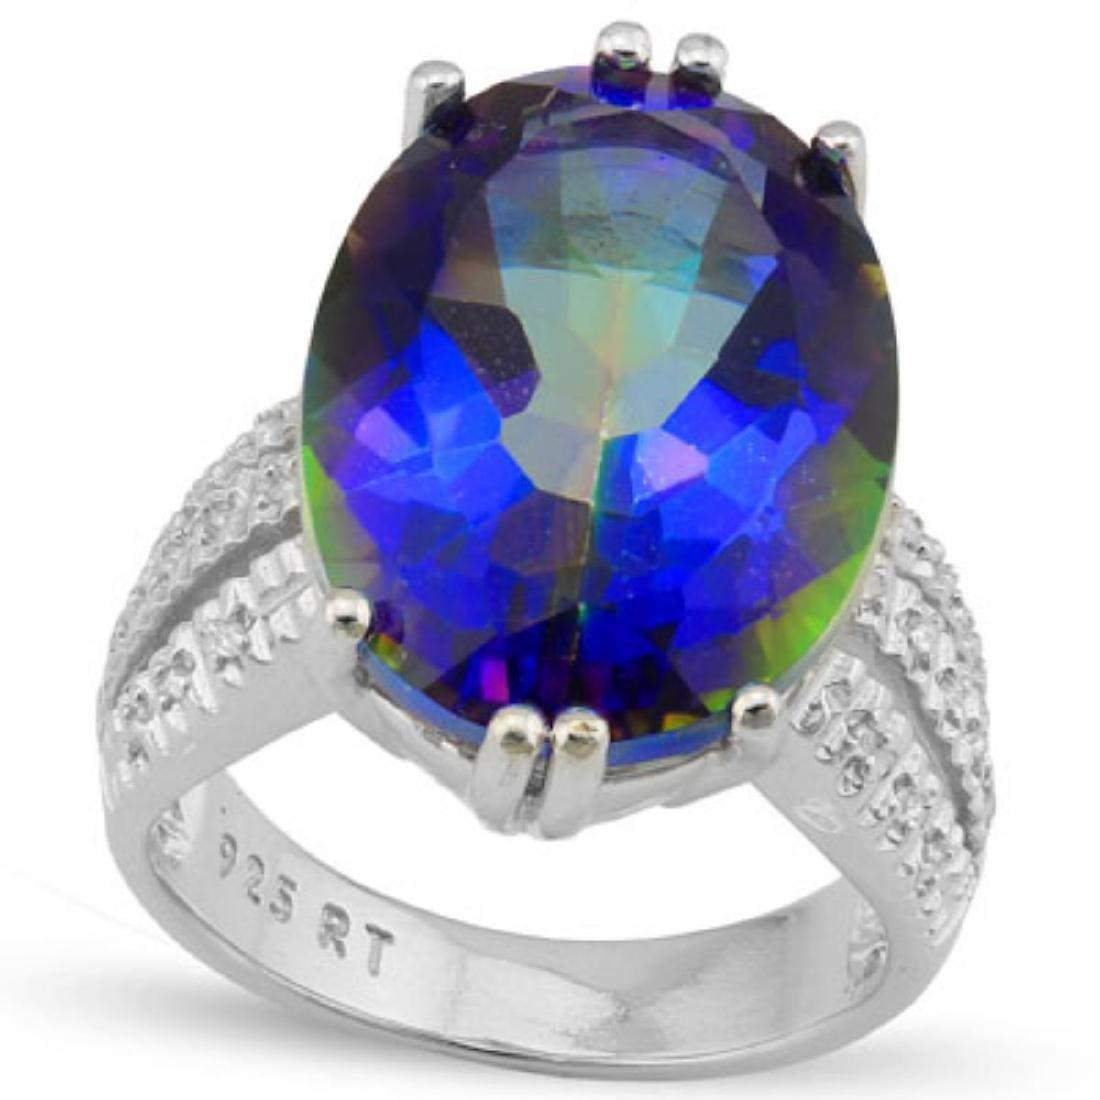 Natural Ocean Mystic Gem & Diamond 11.60 Ct Ring